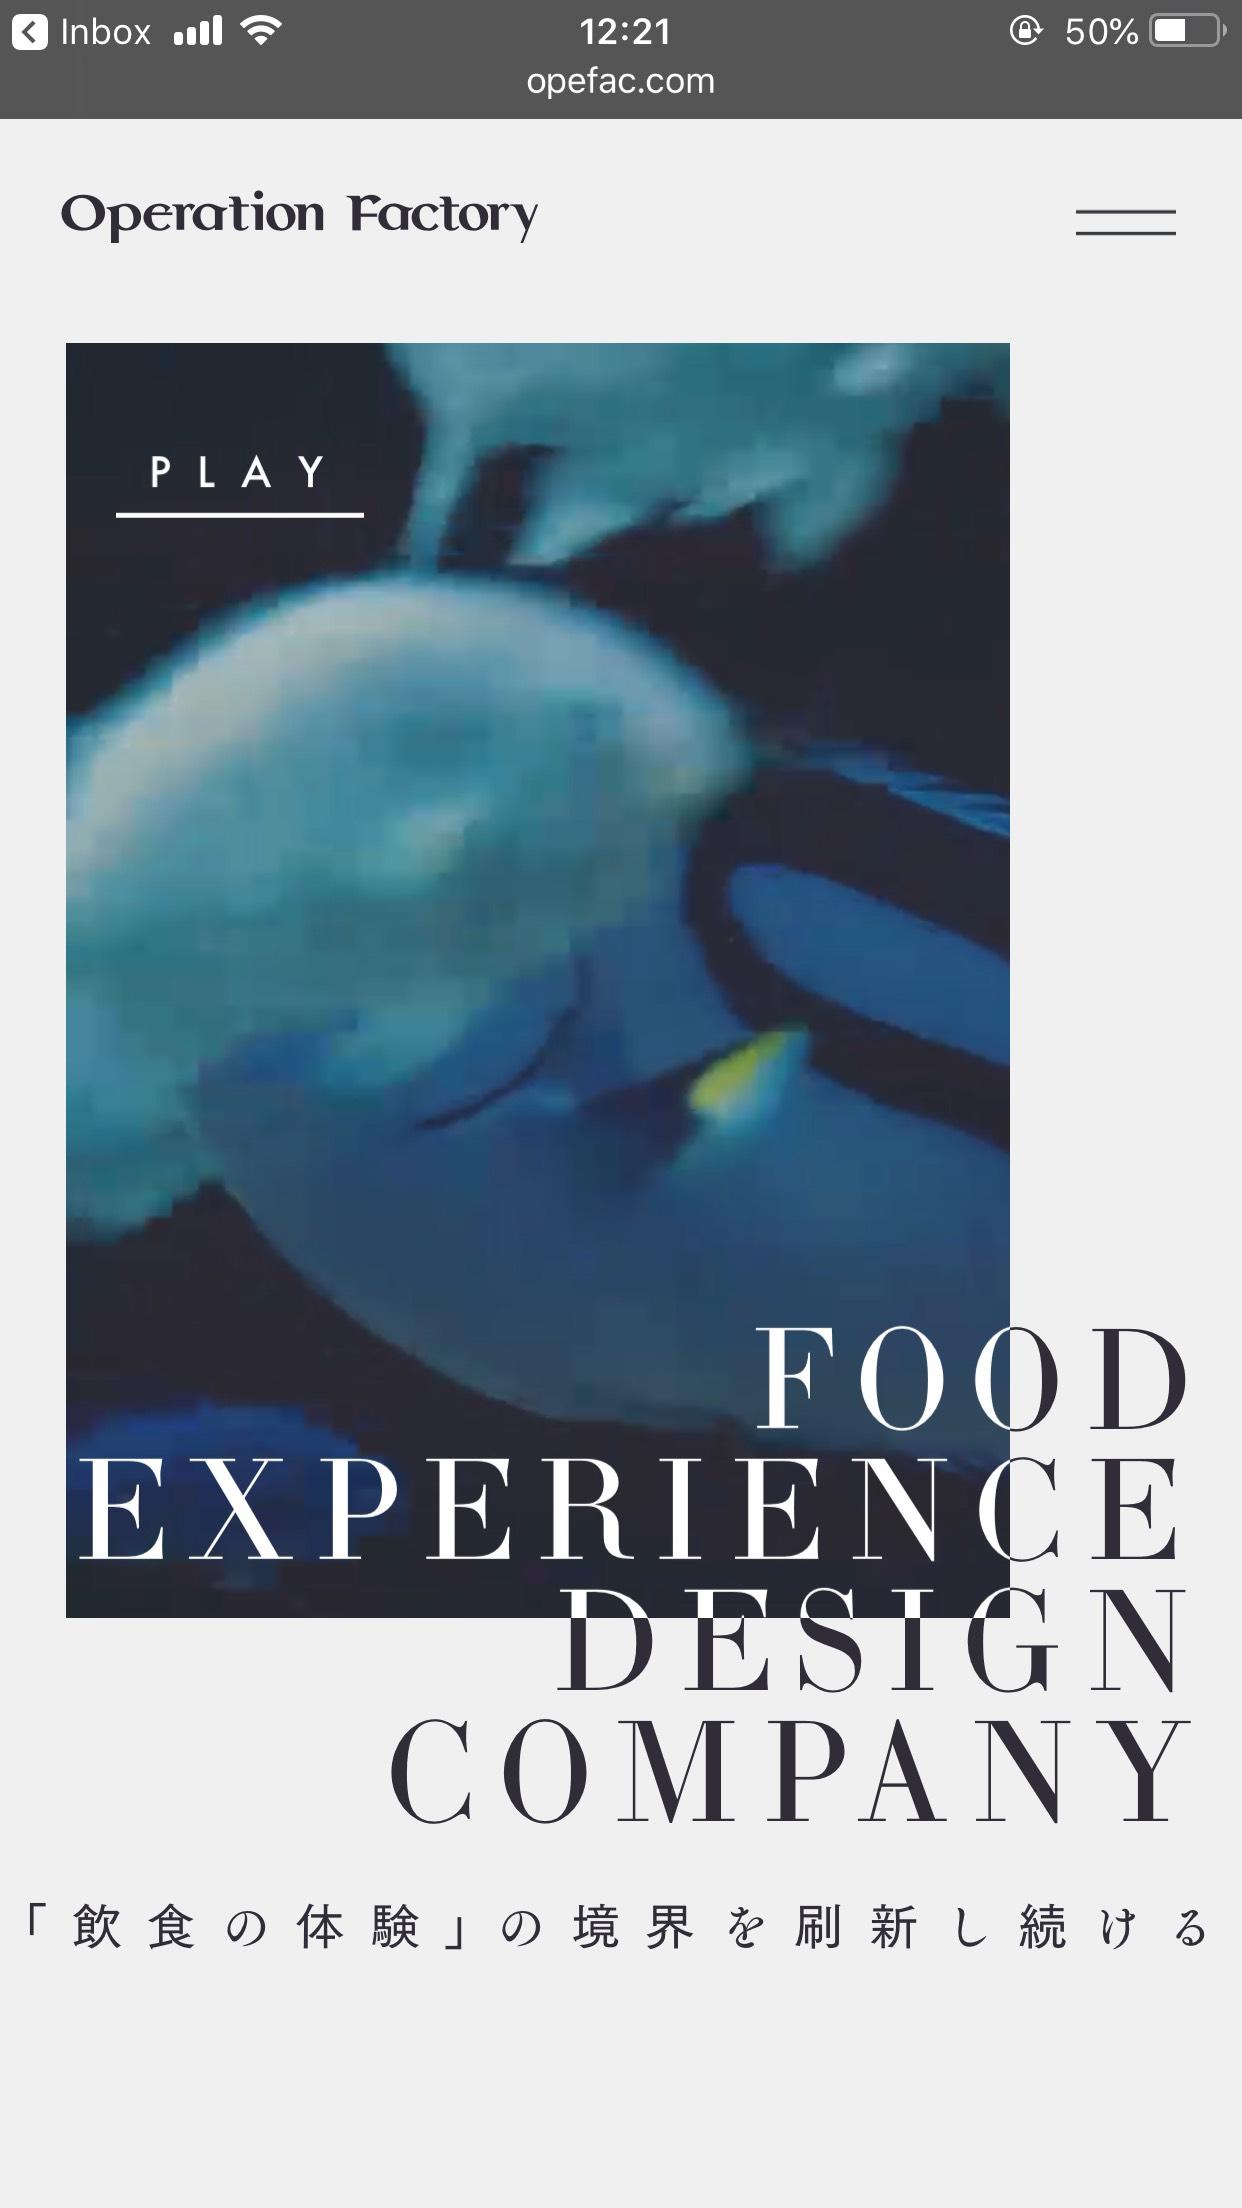 オペレーションファクトリー|飲食事業の企画・運営・コンサルティング・プロデュース